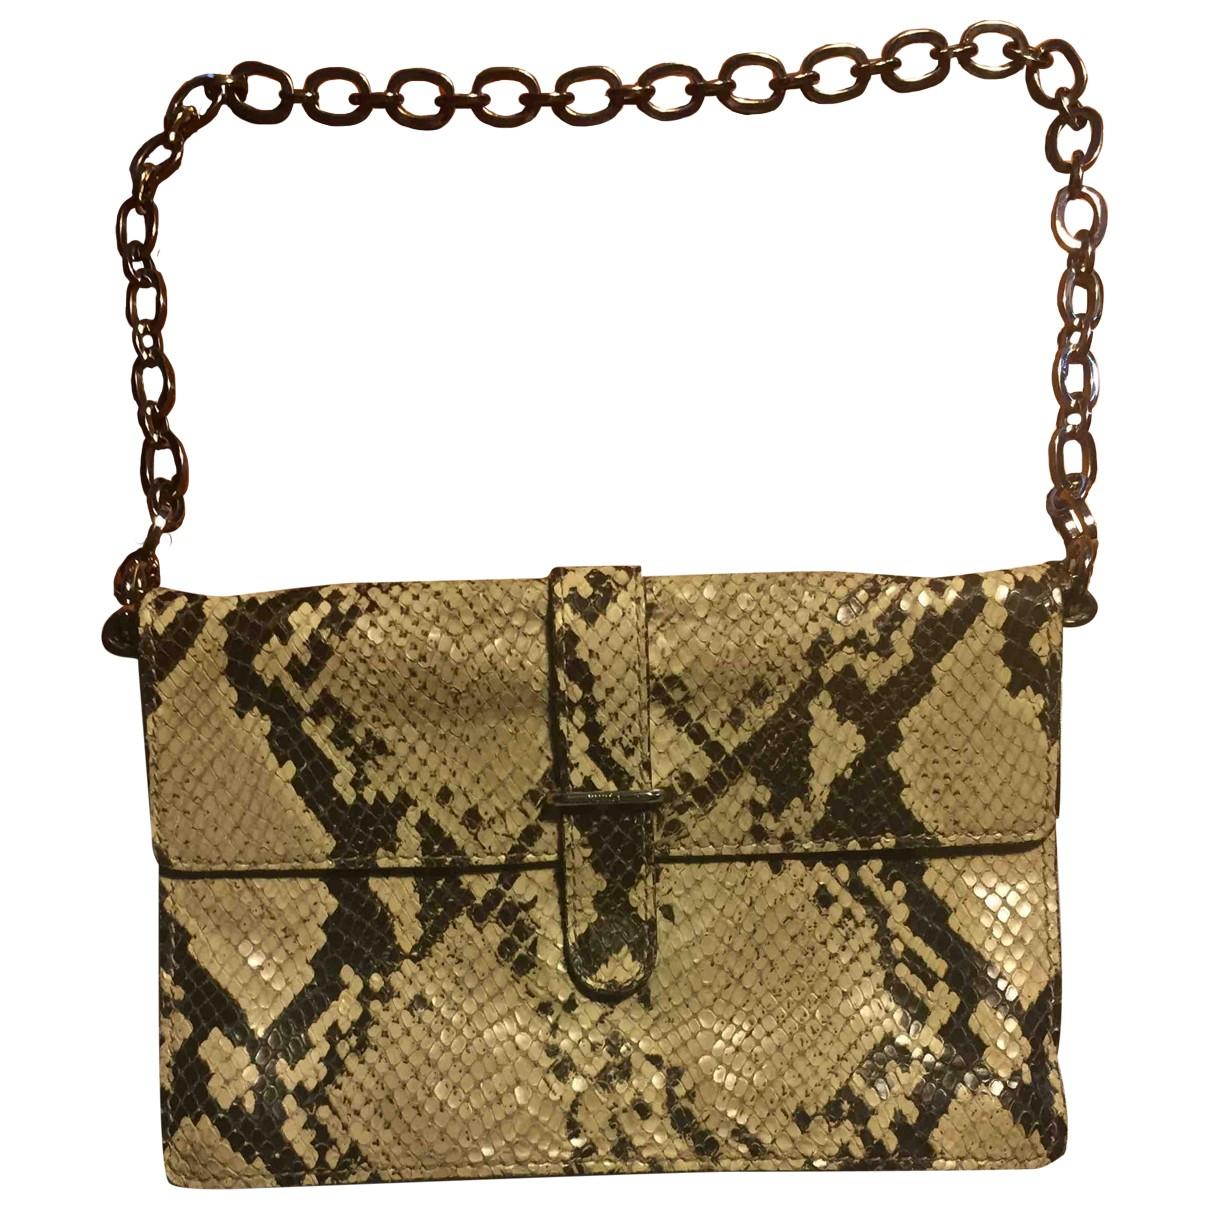 Furla \N Beige Leather Clutch bag for Women \N